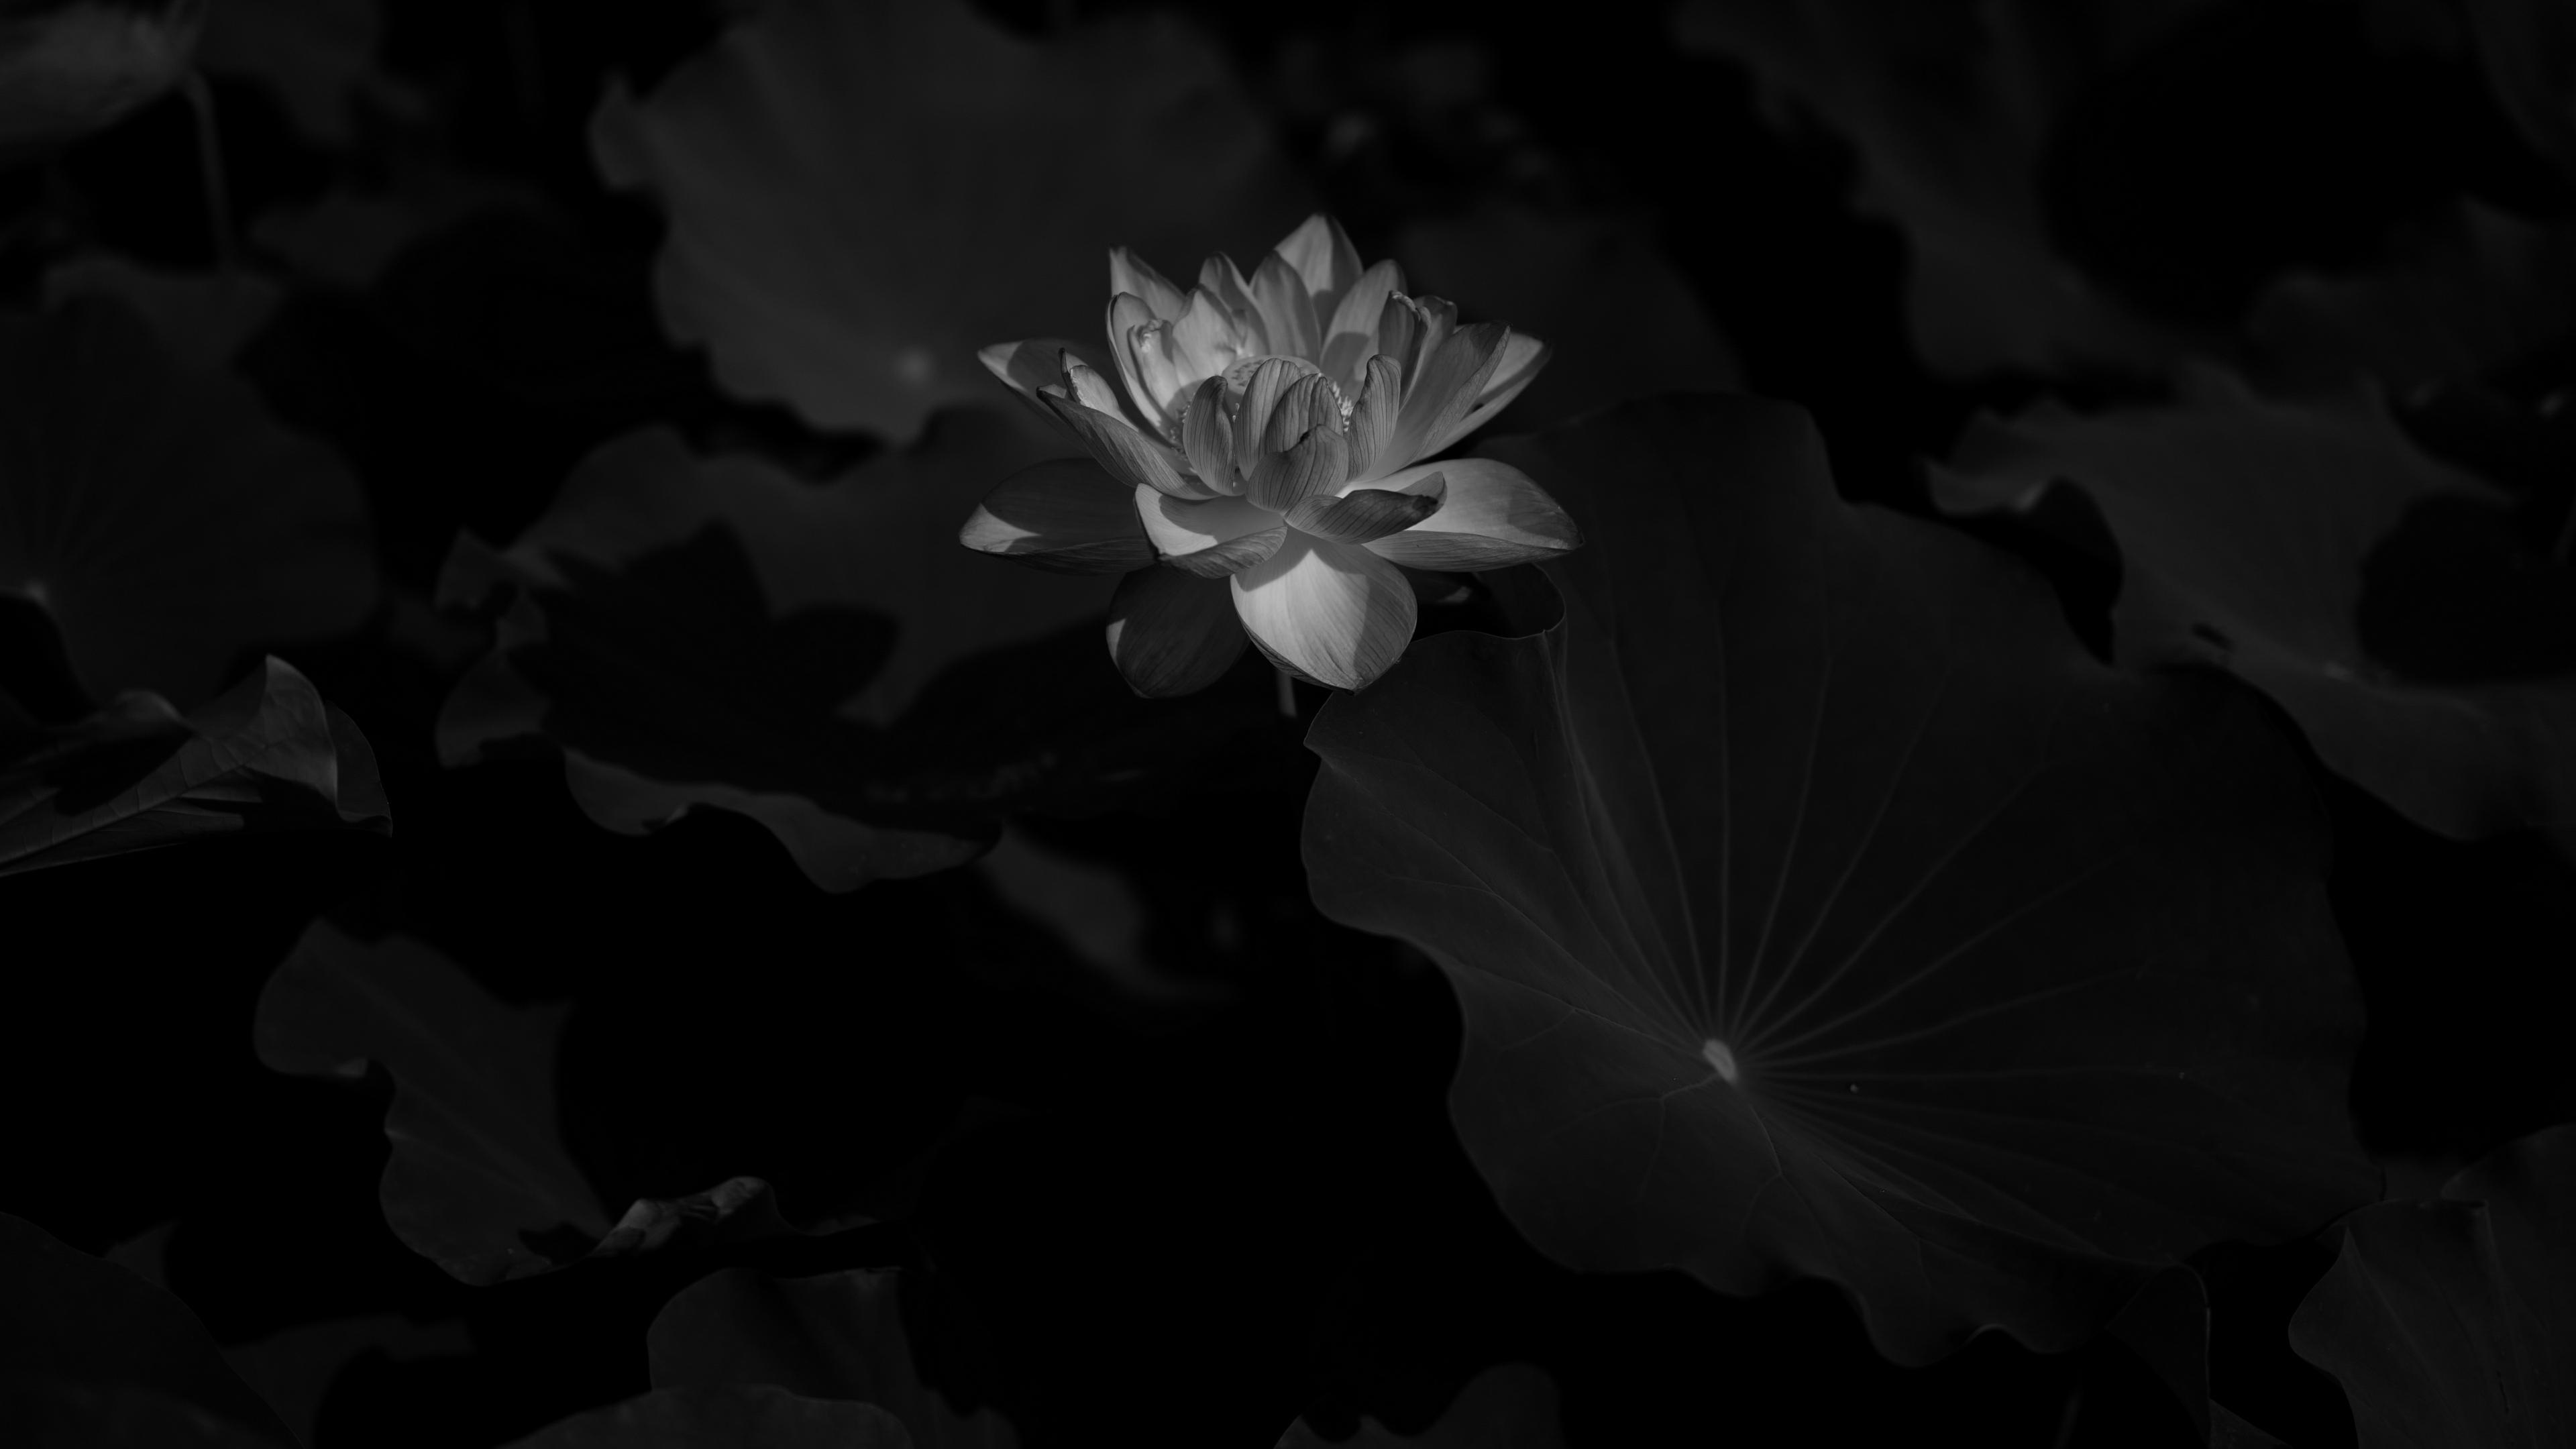 lotus bw bloom flower leaves 4k 1540575933 - lotus, bw, bloom, flower, leaves 4k - Lotus, bw, Bloom